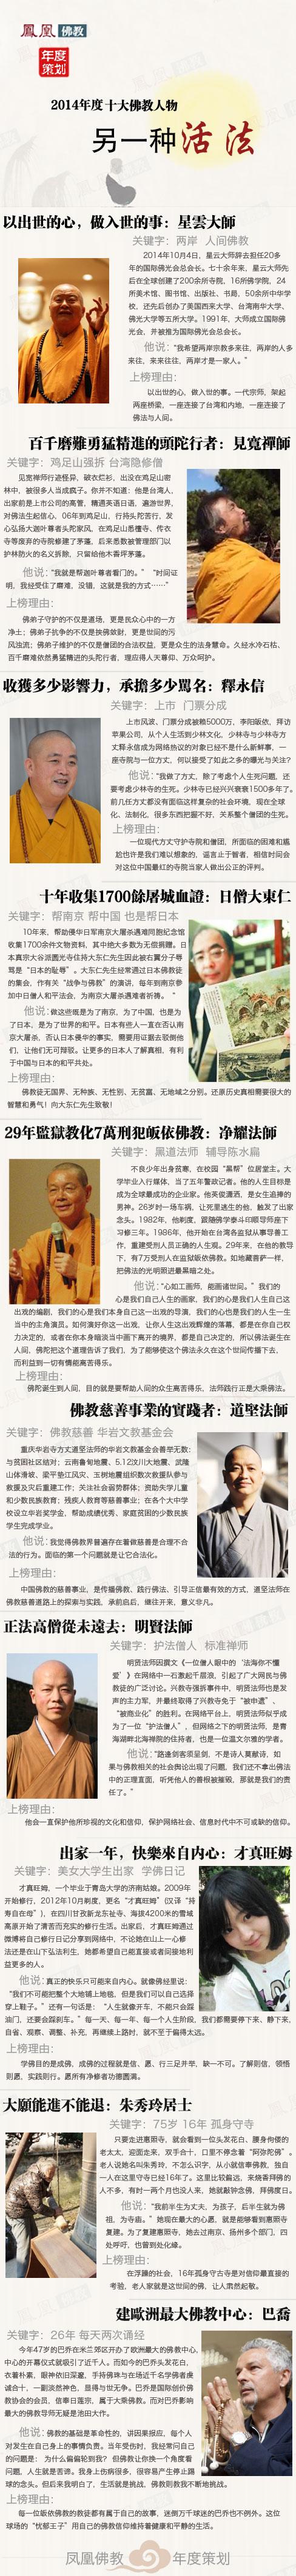 2014佛教年度人物